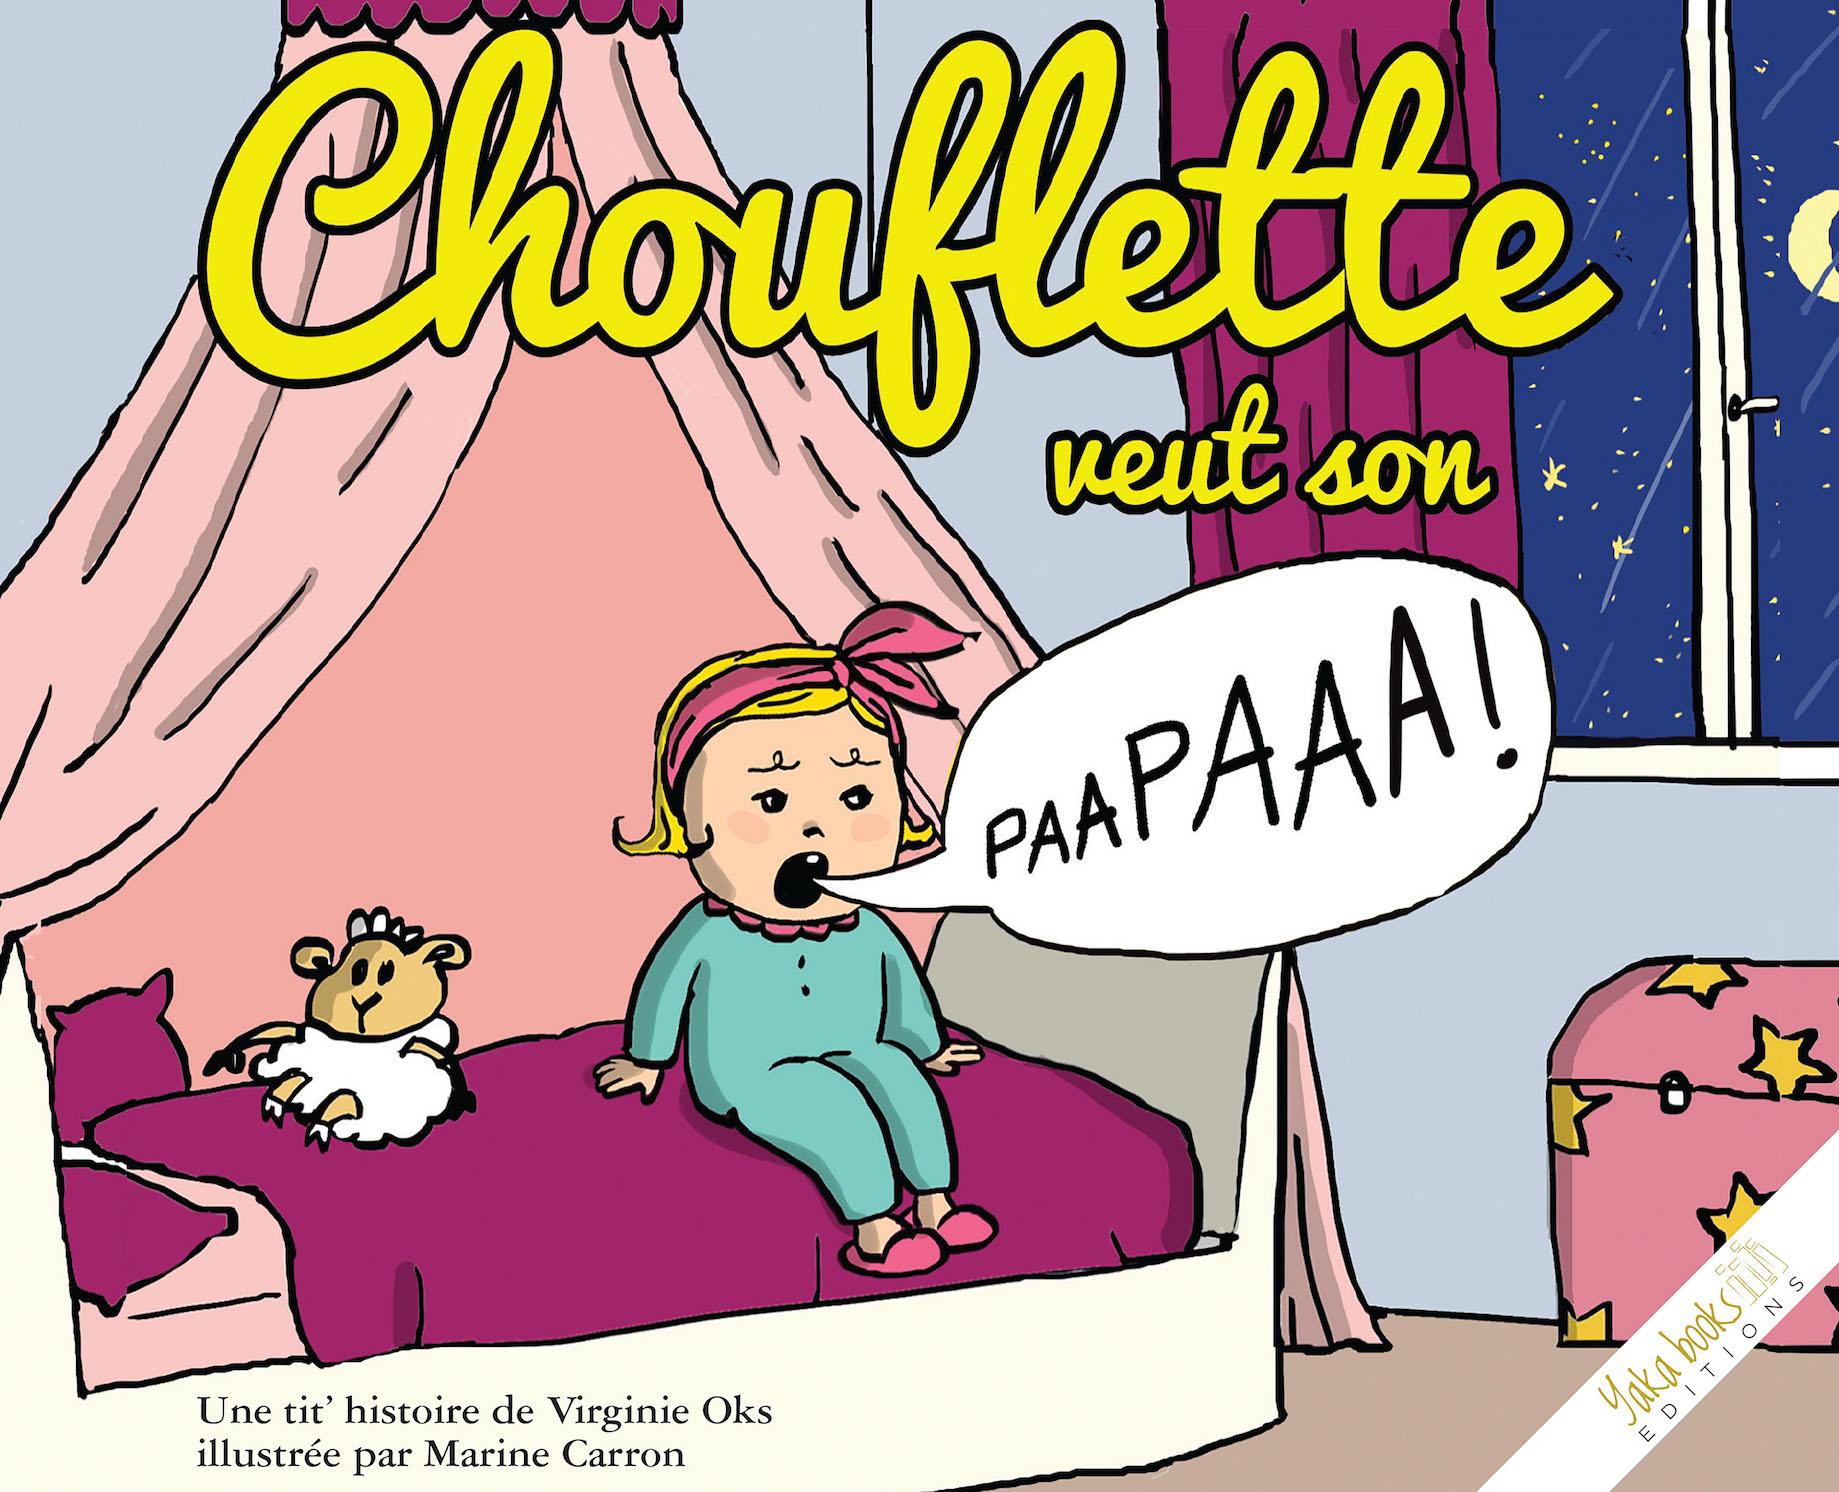 Chouflette veut son papa par Virginie Oks